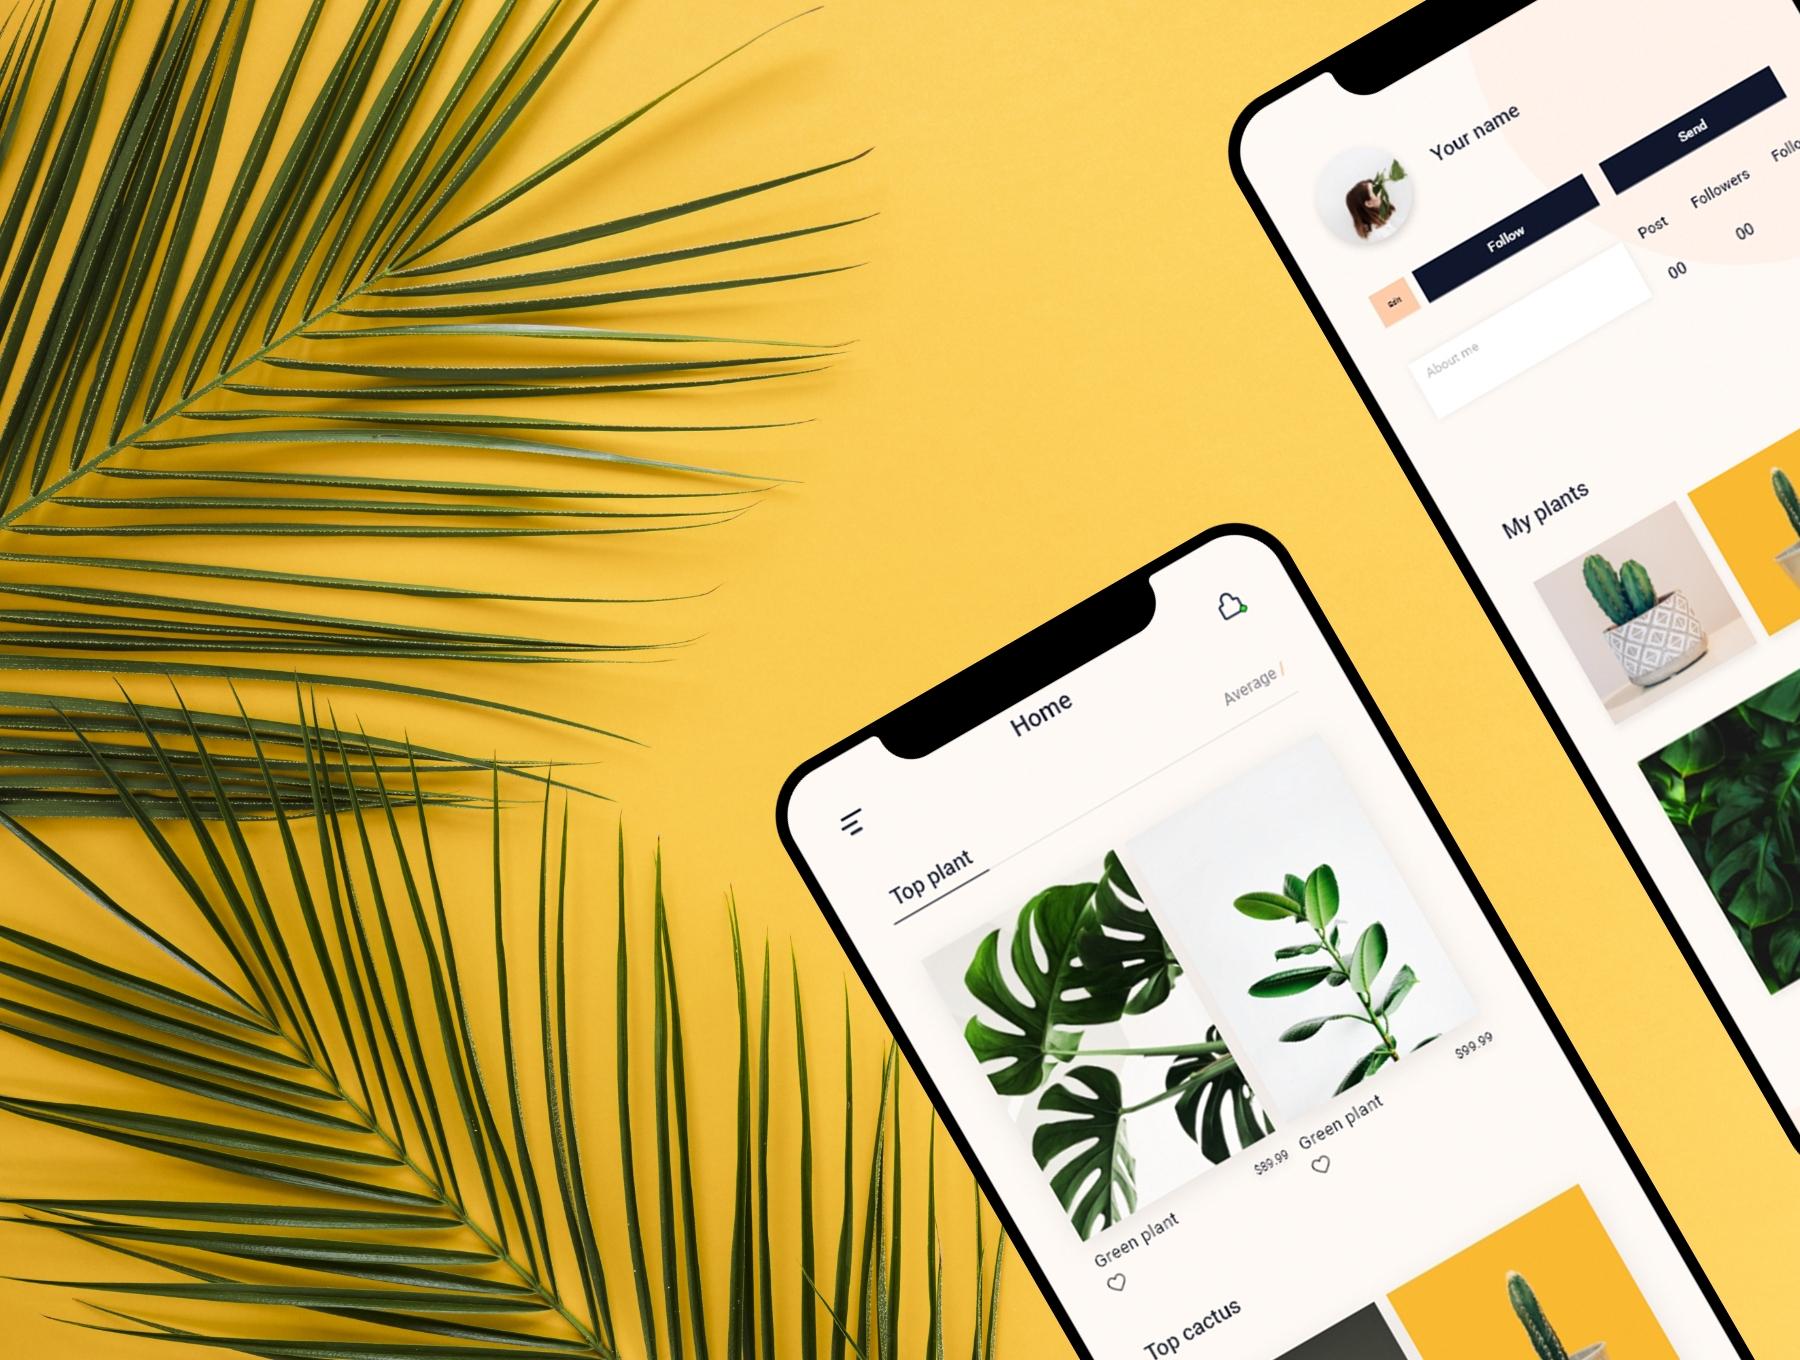 极简主义时尚app设计iOS Ui APP UI KIT套装下载[XD] Silvana UI Kit